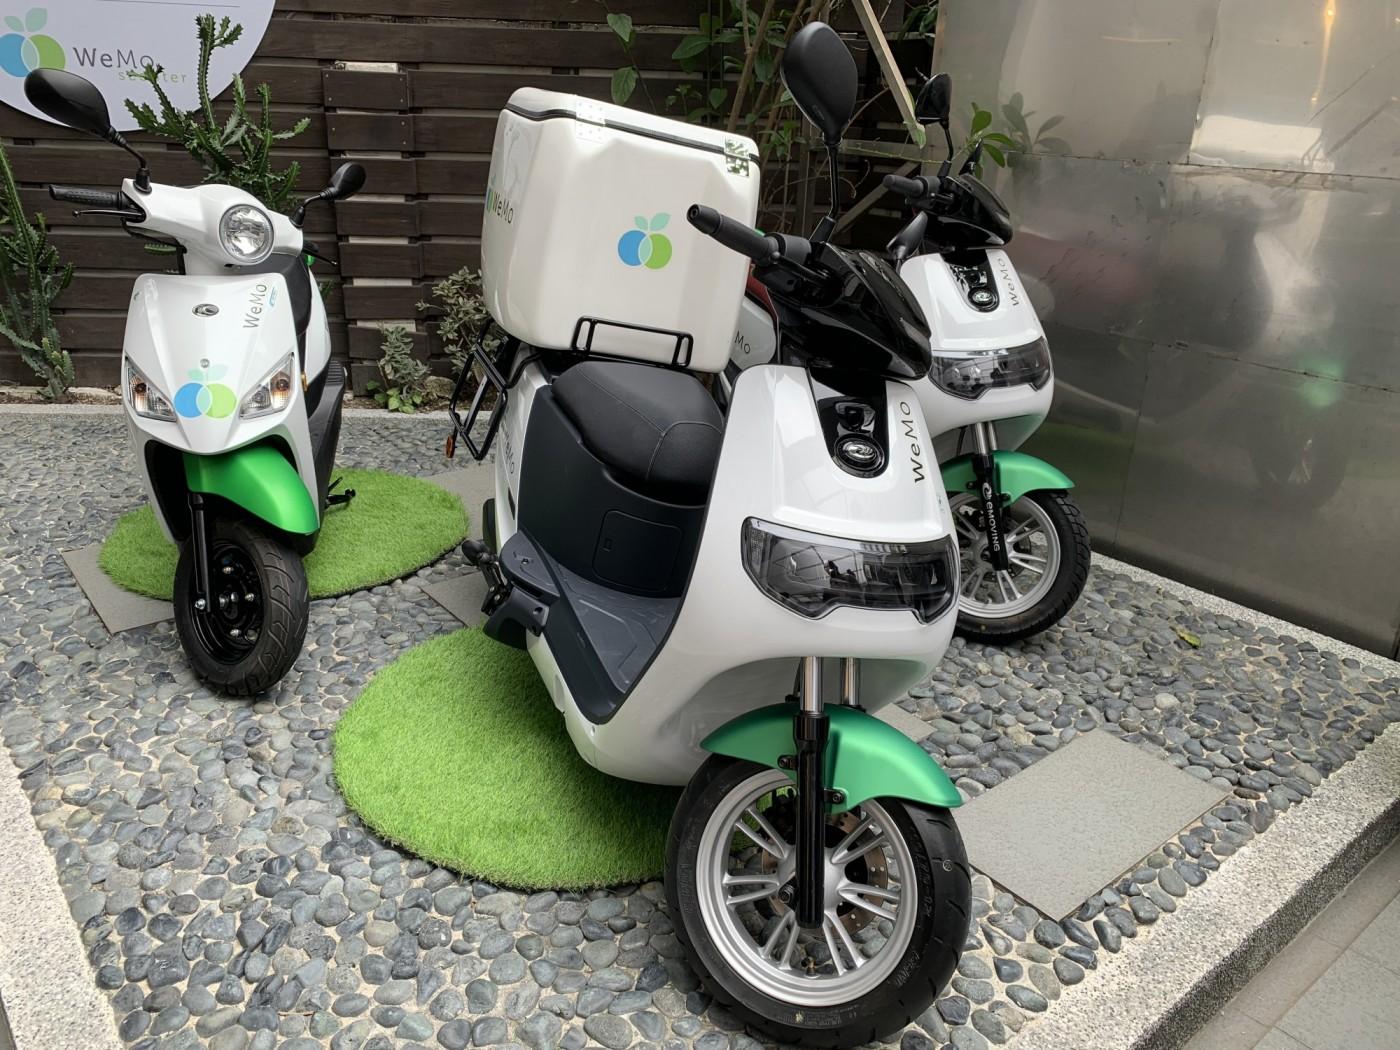 WeMo兩大優勢對決GoShare!2020將導入白牌電動機車,還打算蓋充電站